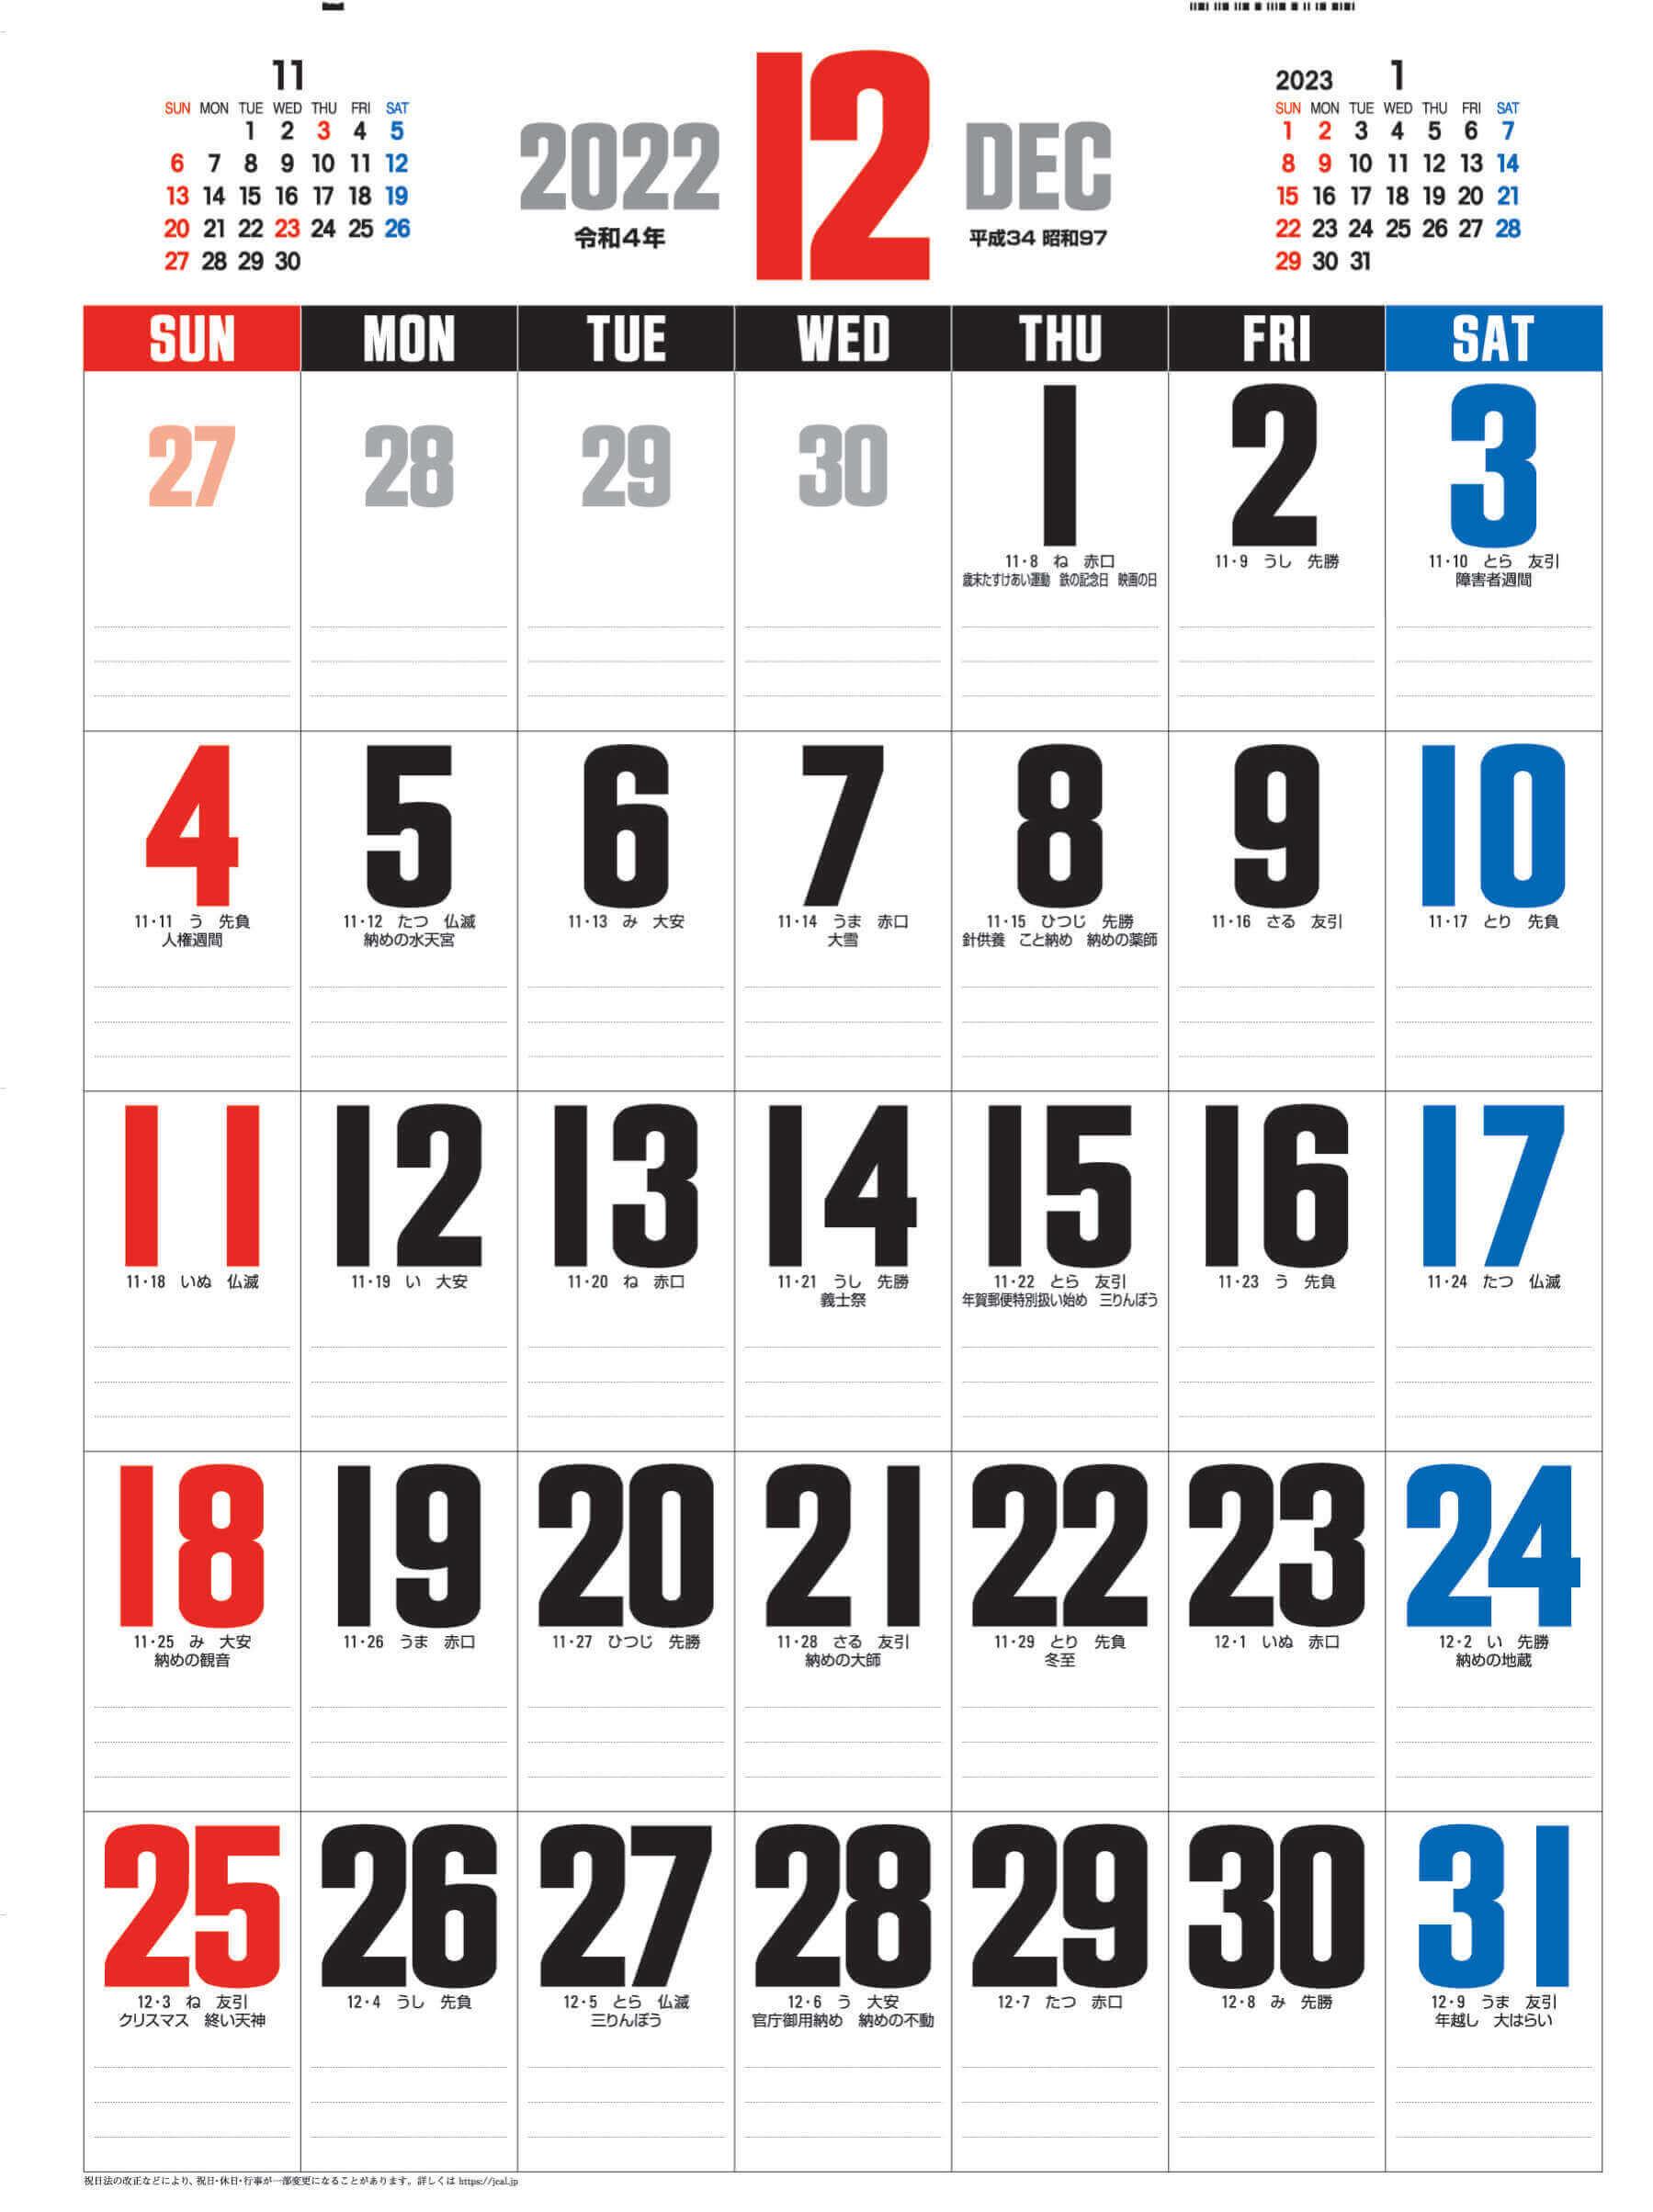 ザ・ベストカレンダー 2022年カレンダーの画像